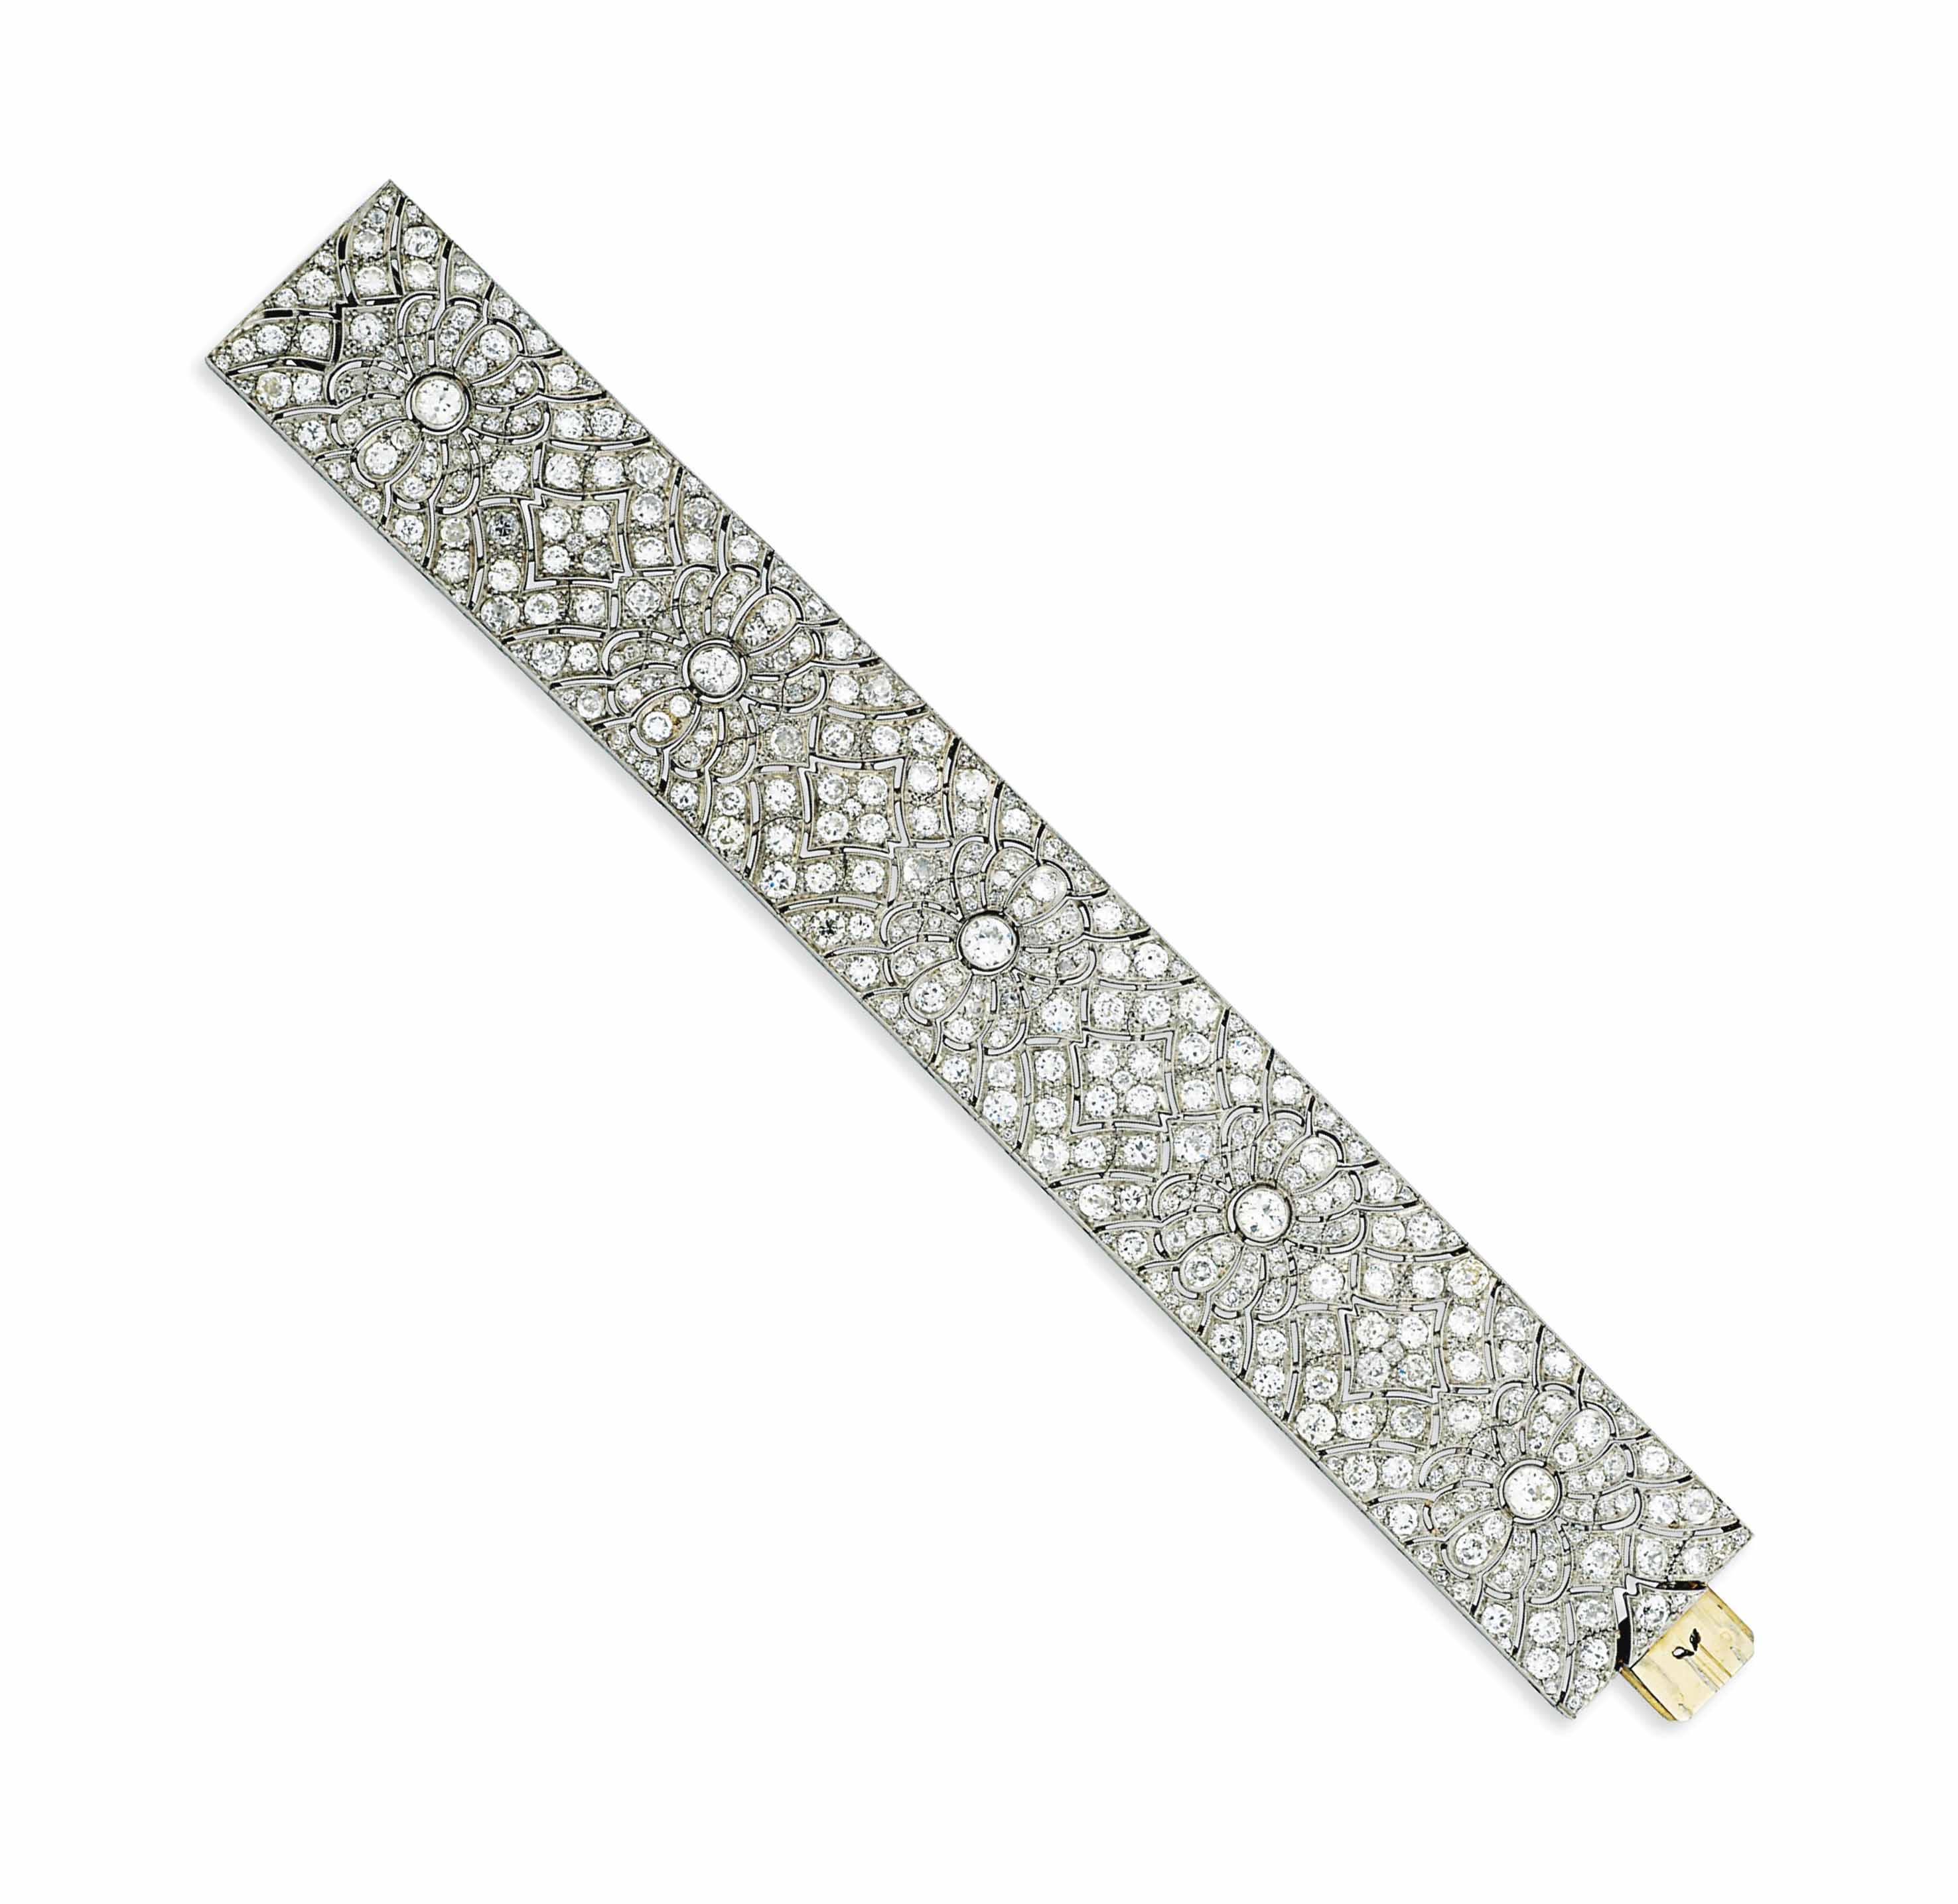 A BROAD DIAMOND BRACELET